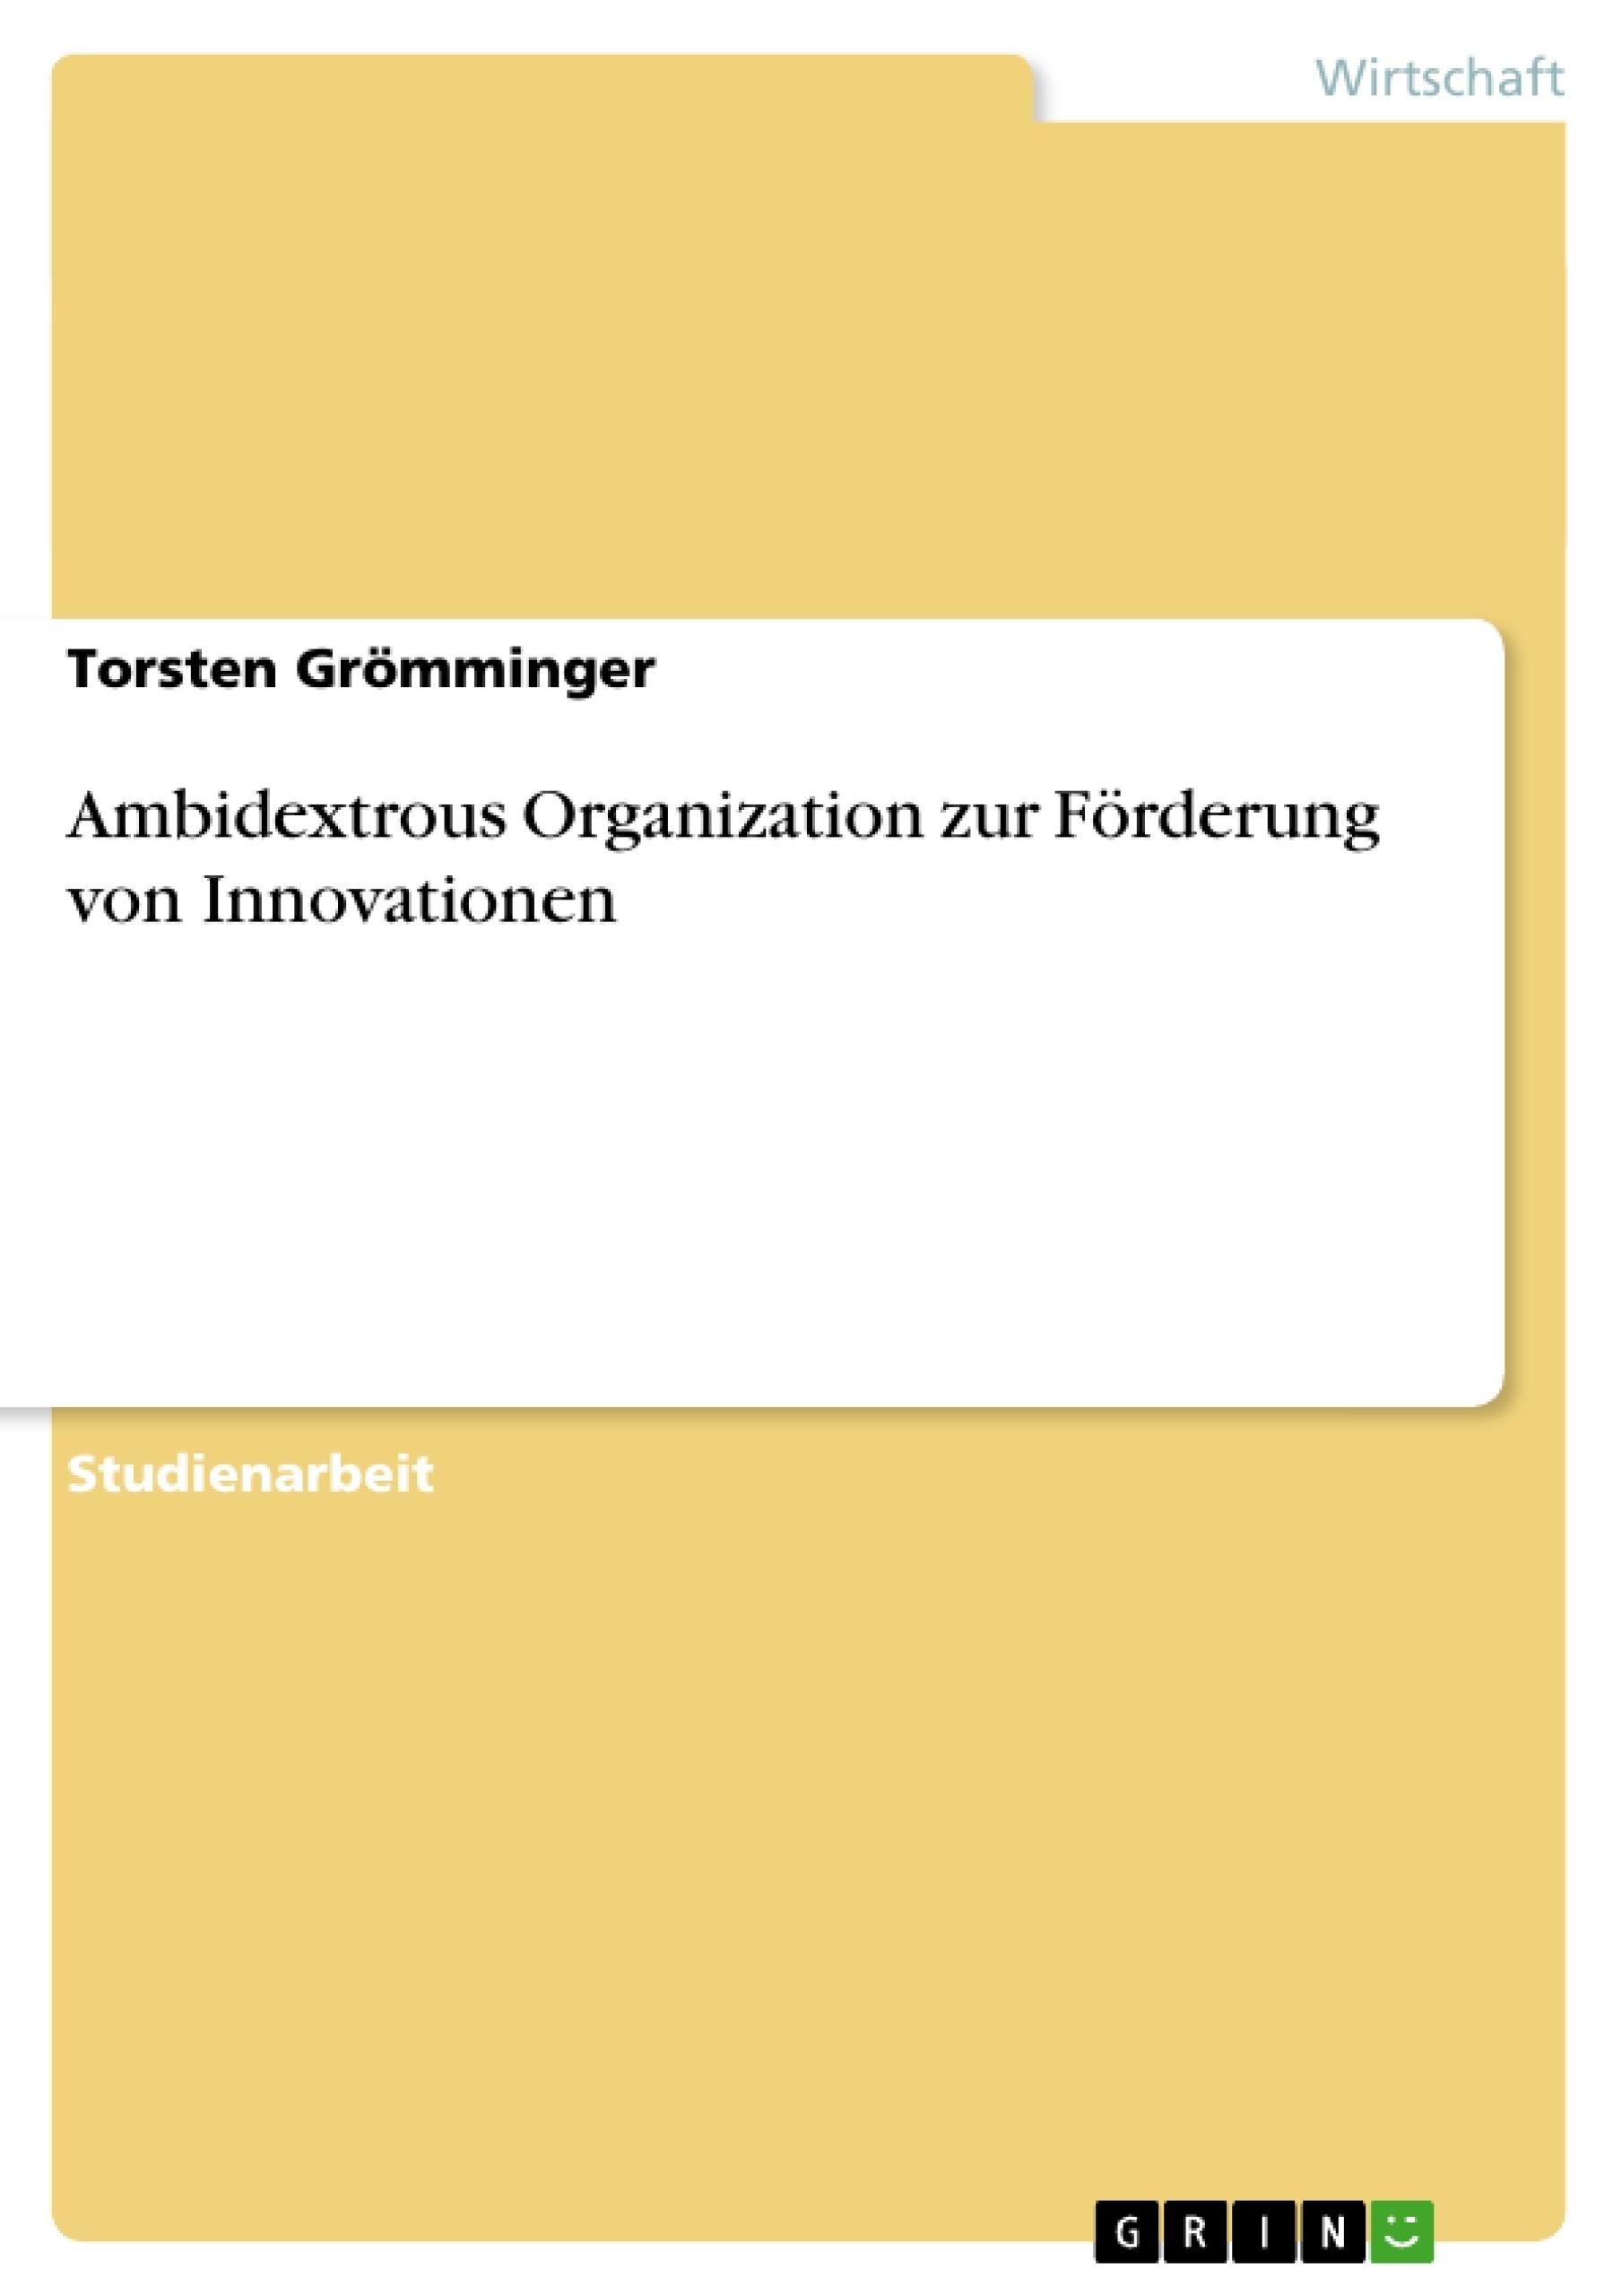 Titel: Ambidextrous Organization zur Förderung von Innovationen